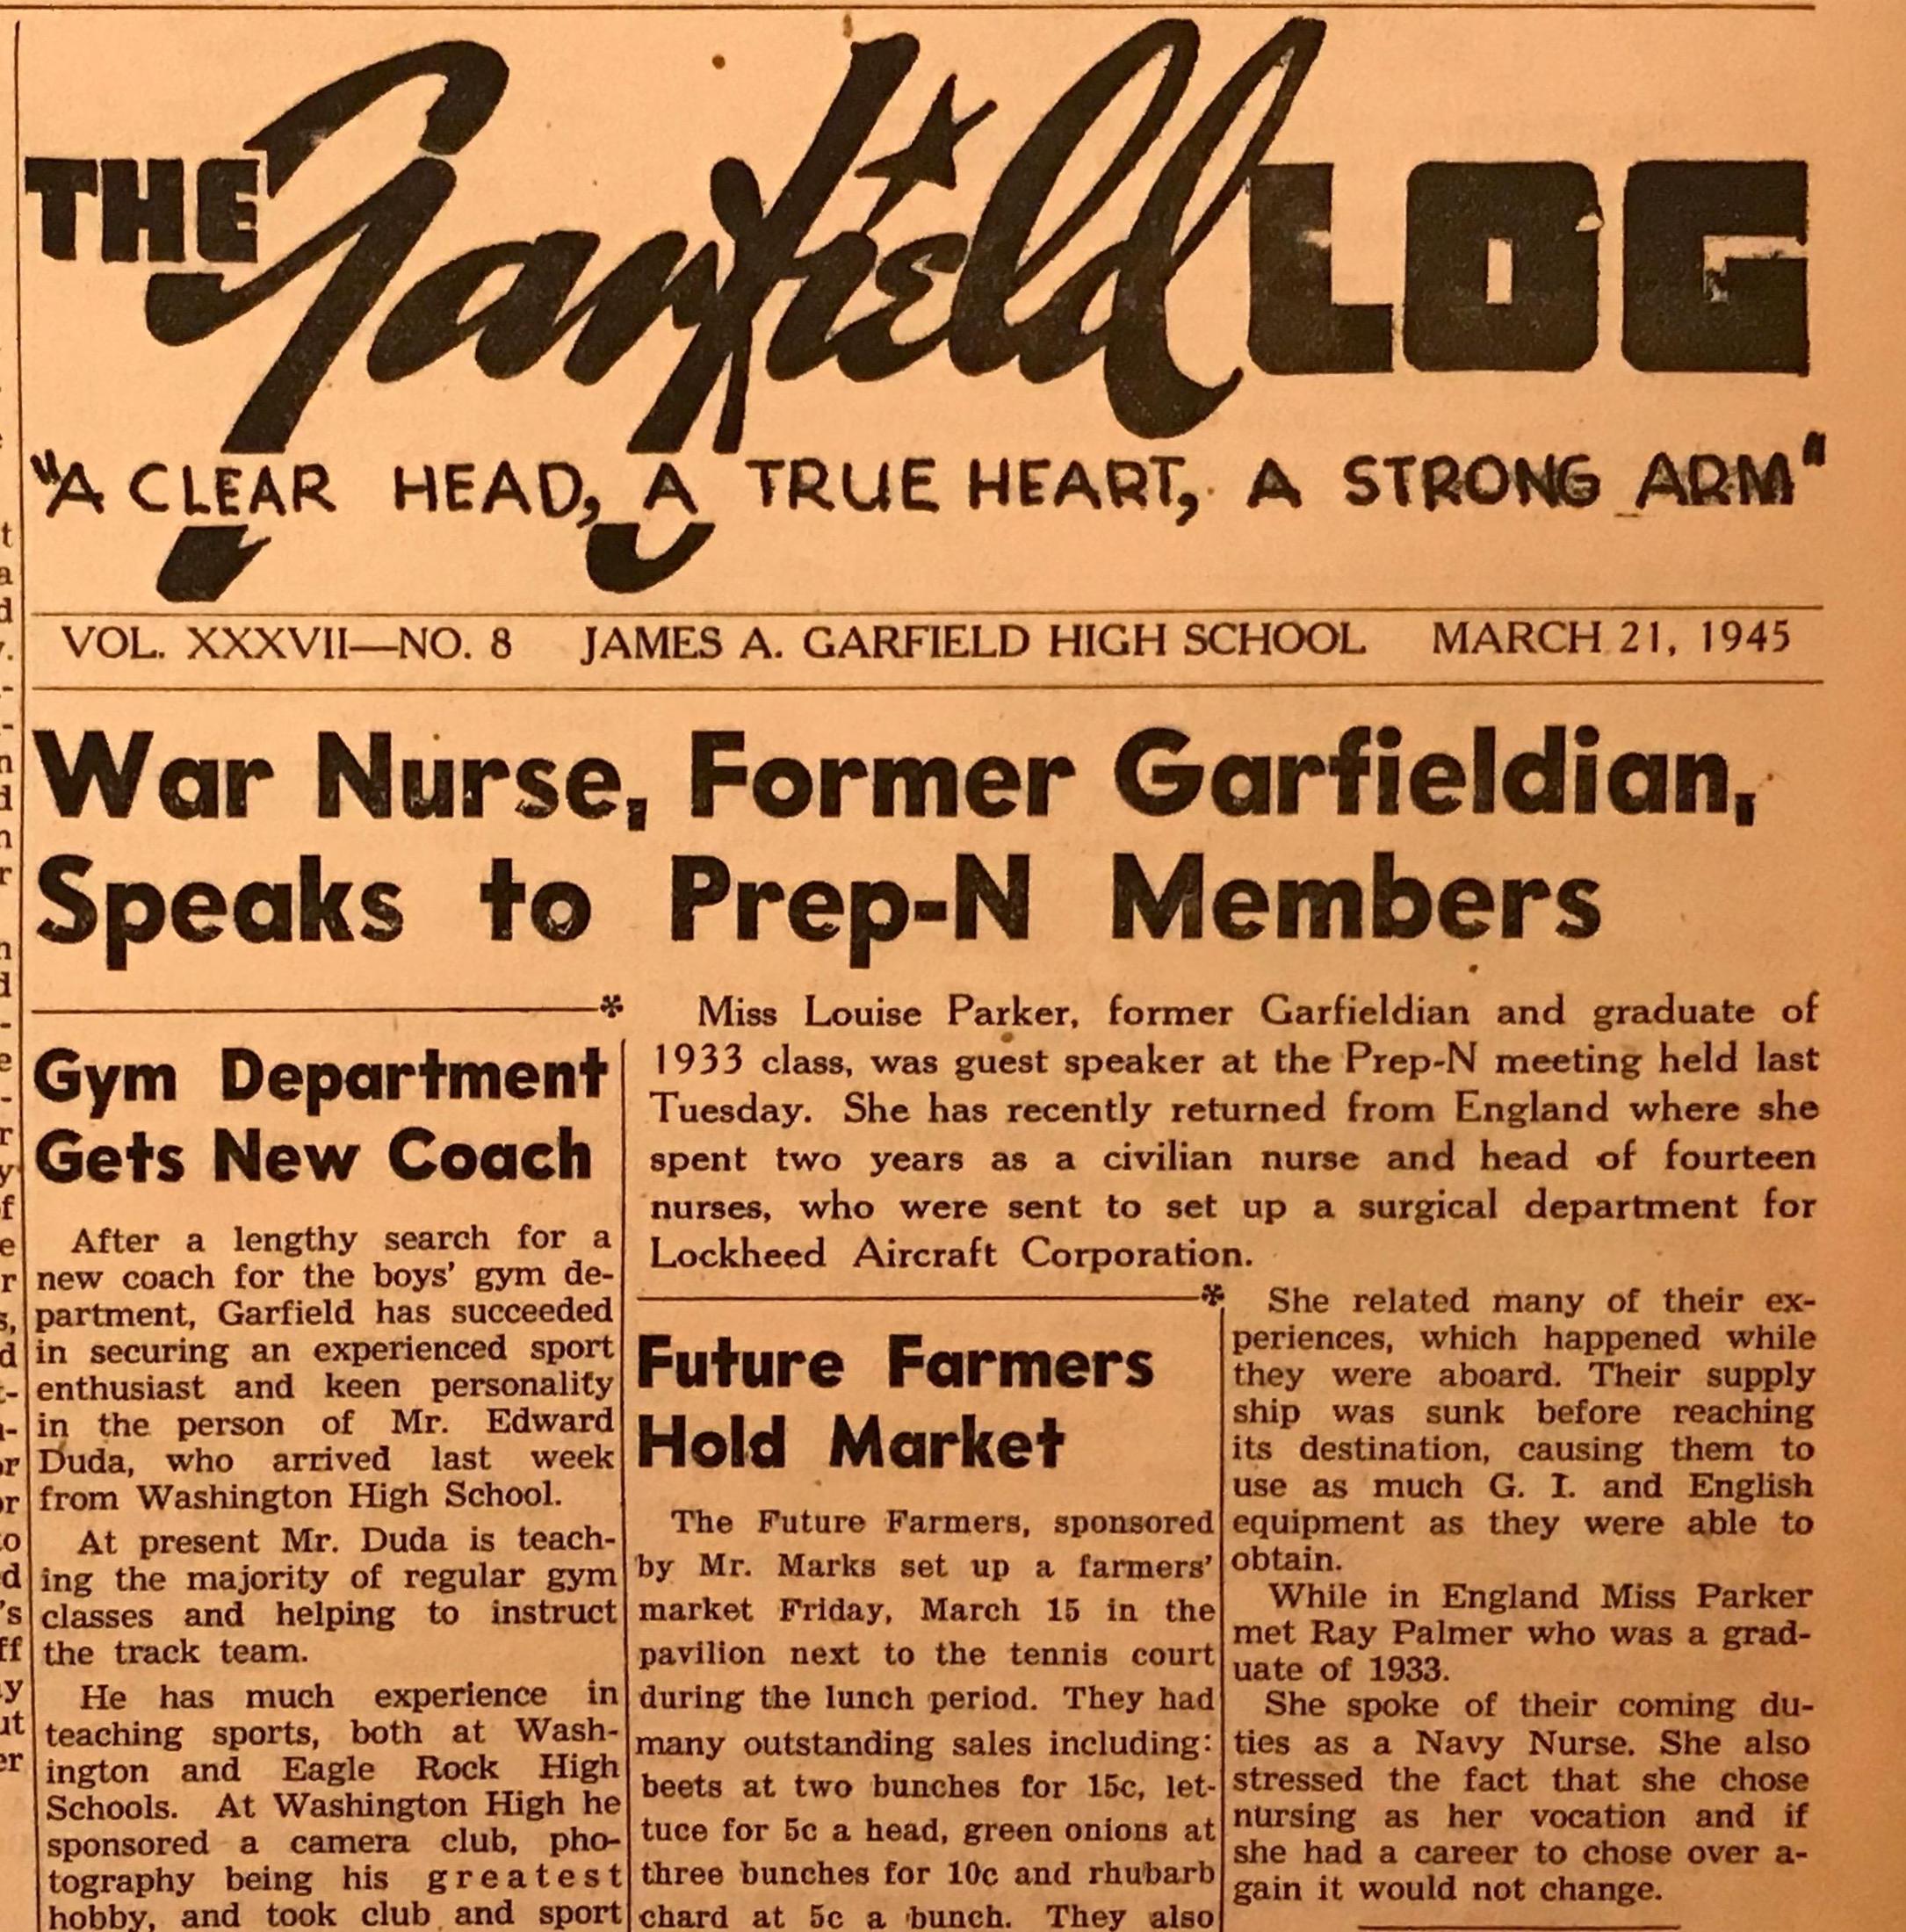 War Nurse speaks at Garfield